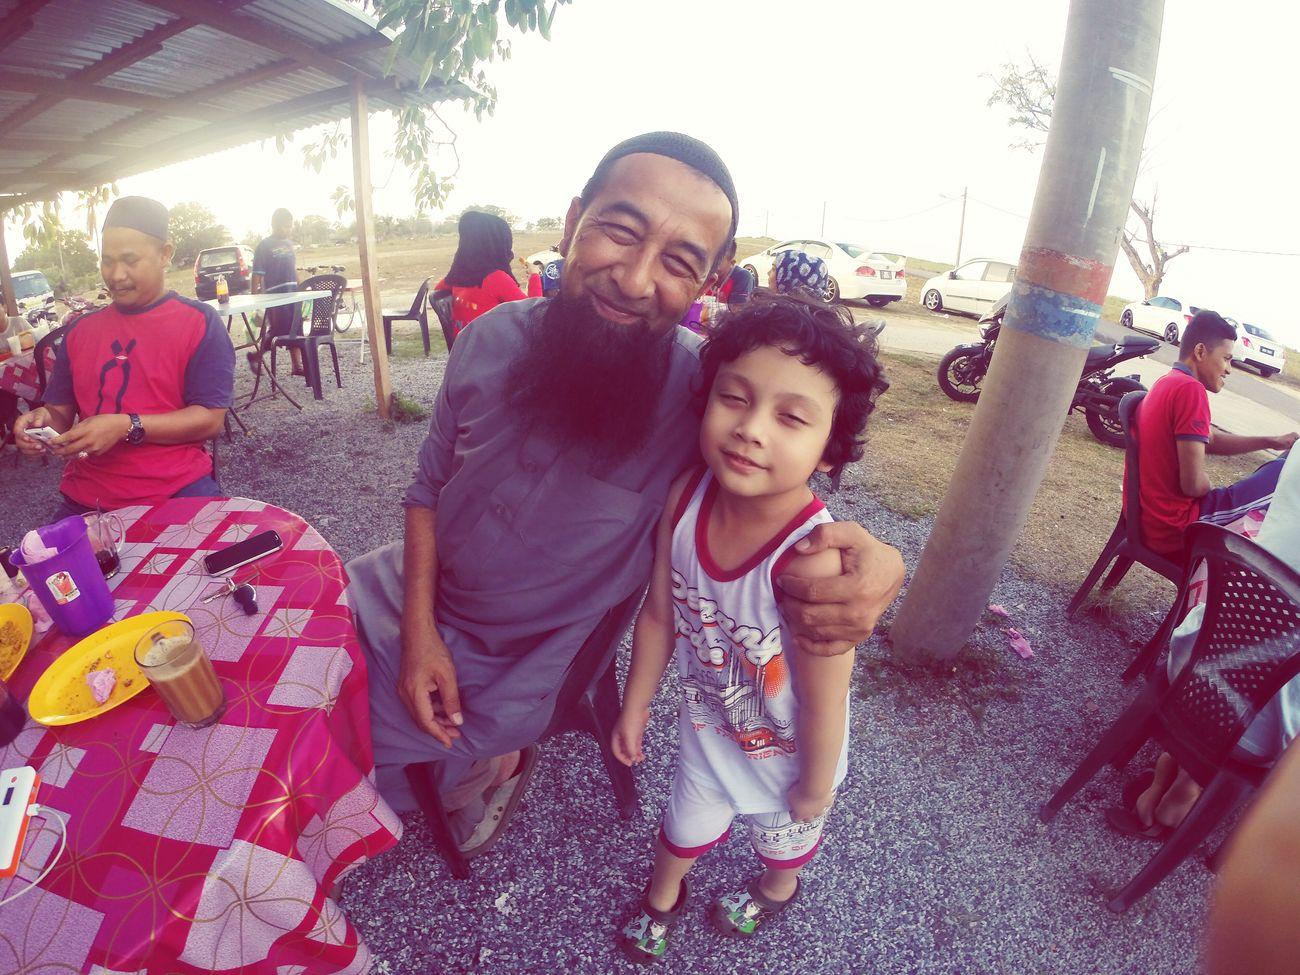 Untungla, Furqan UAI Repost From Instagram Sara_teck Kuala Terengganu Pantai Pandak Chendering Holiday Vscocam Gopro